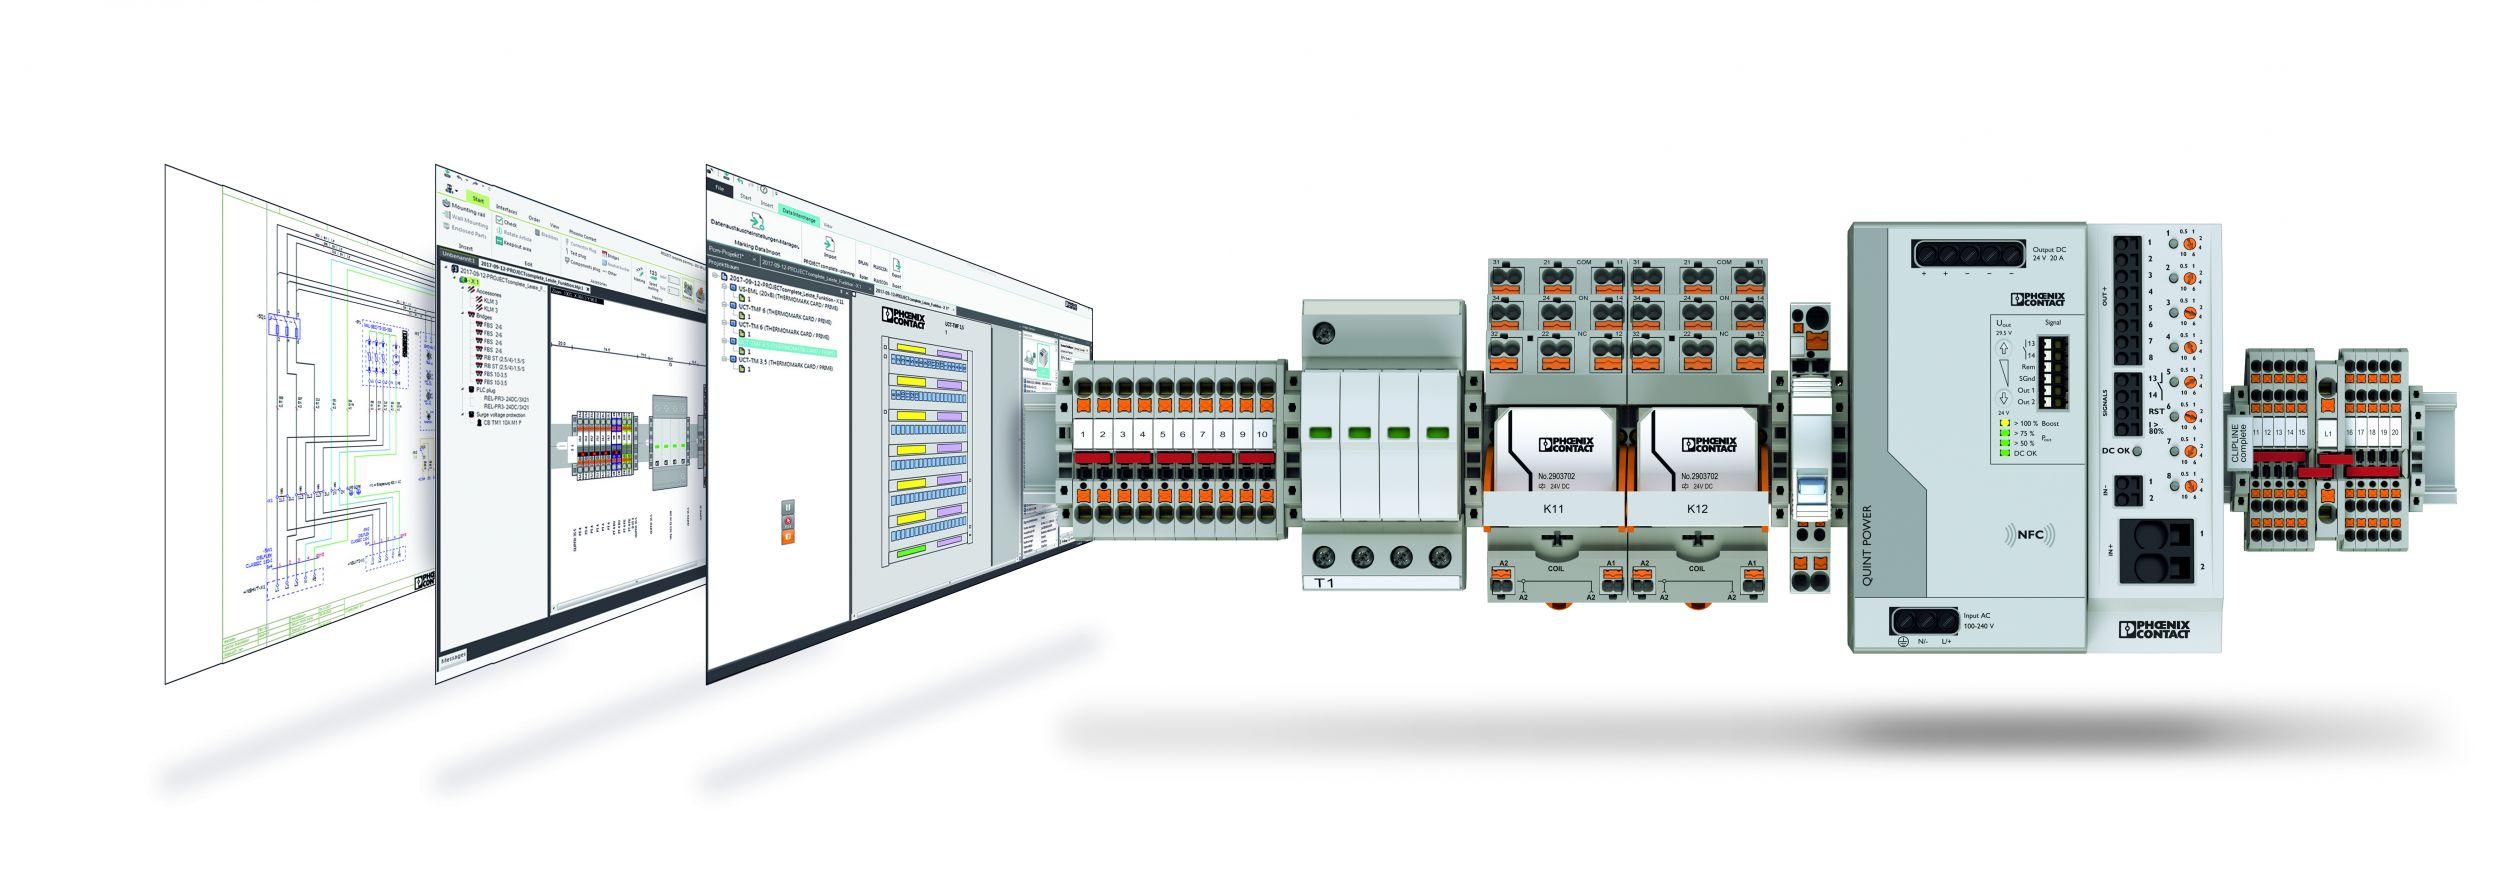 Für alle Phasen der Klemmenleisten-Projektierung: Project Complete unterstützt von der Elektro planung bis zur Lieferung des fertigen Produkts. (Bild: Phoenix Contact GmbH & Co. KG)